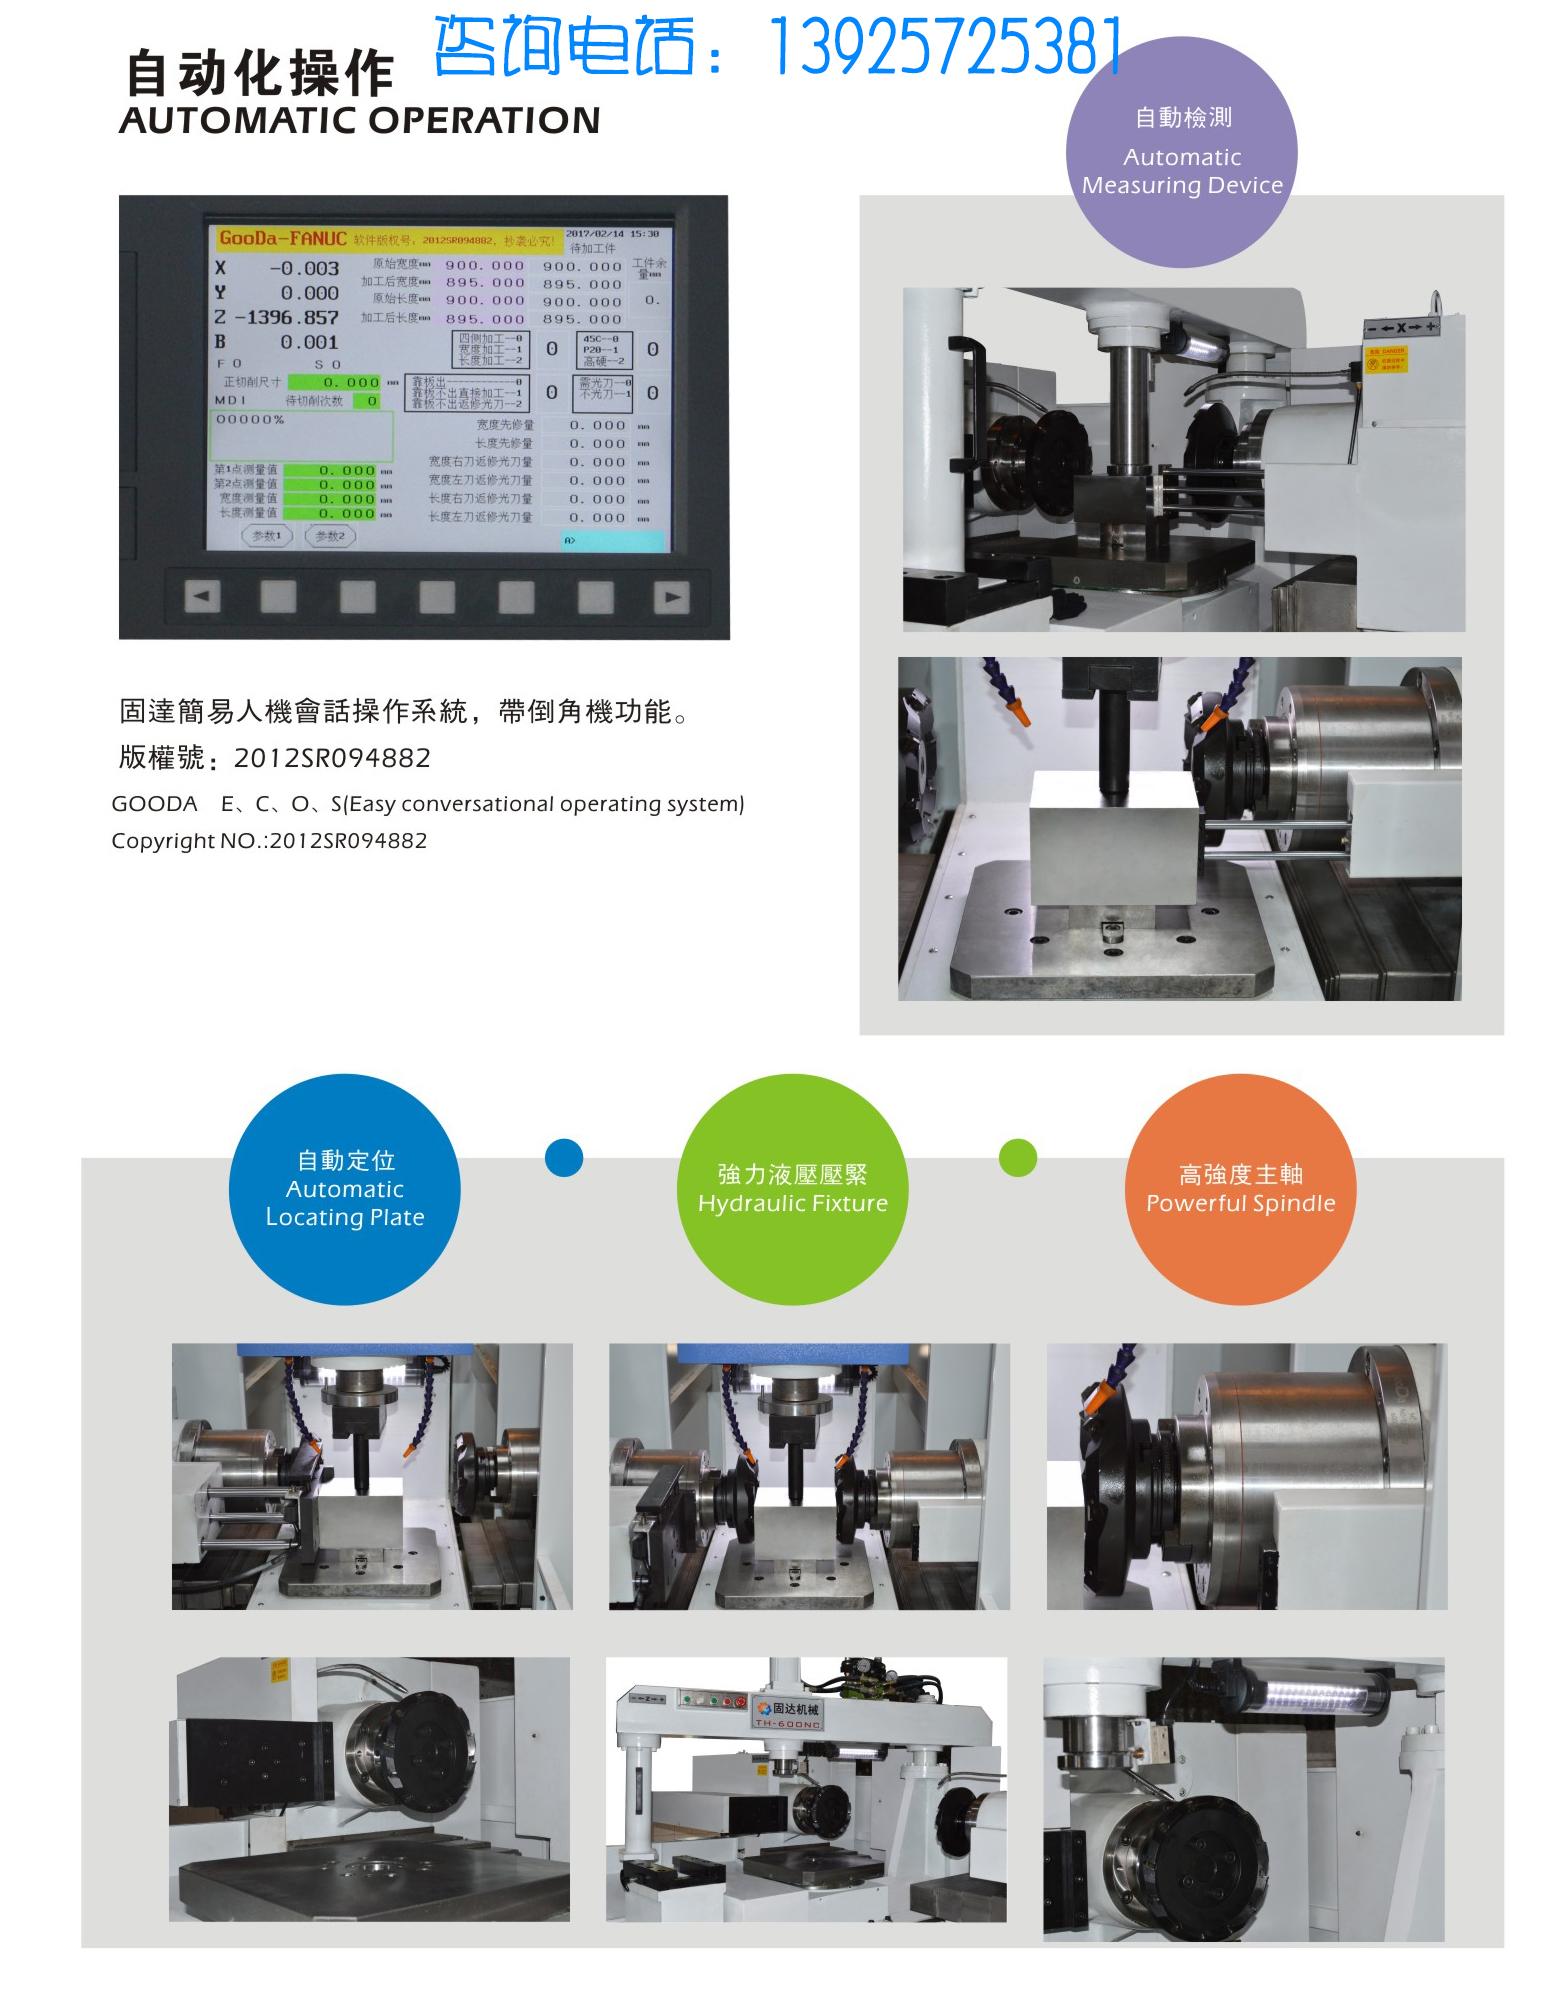 自动化操作-产品细节图.jpg